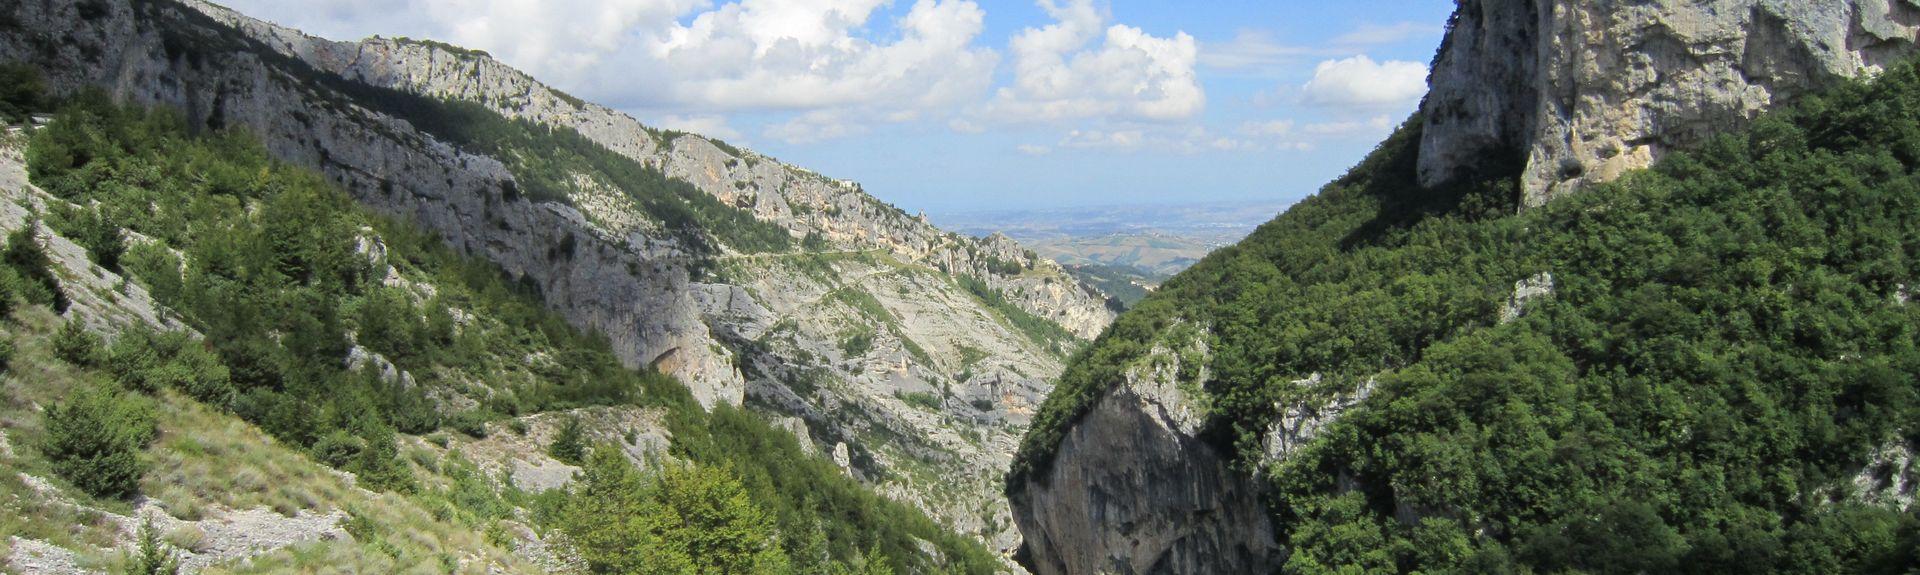 Caravotti, Chieti, Abruzzo, Italy